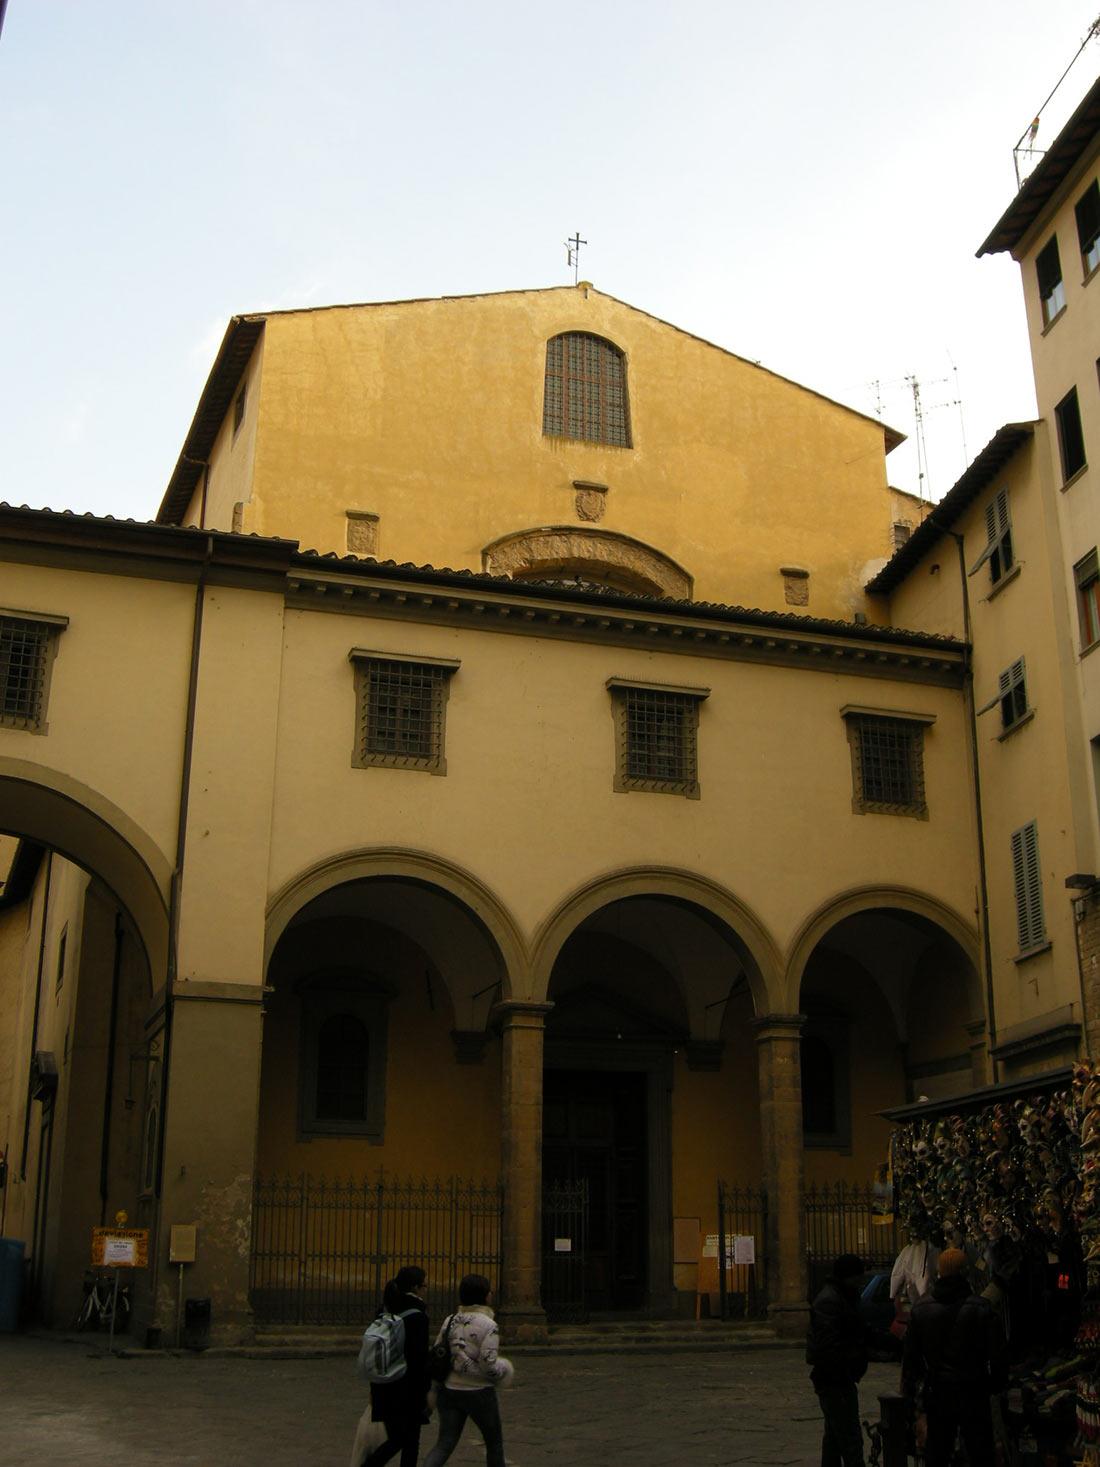 Церковь Санта Феличита с коридором Вазари на переднем плане